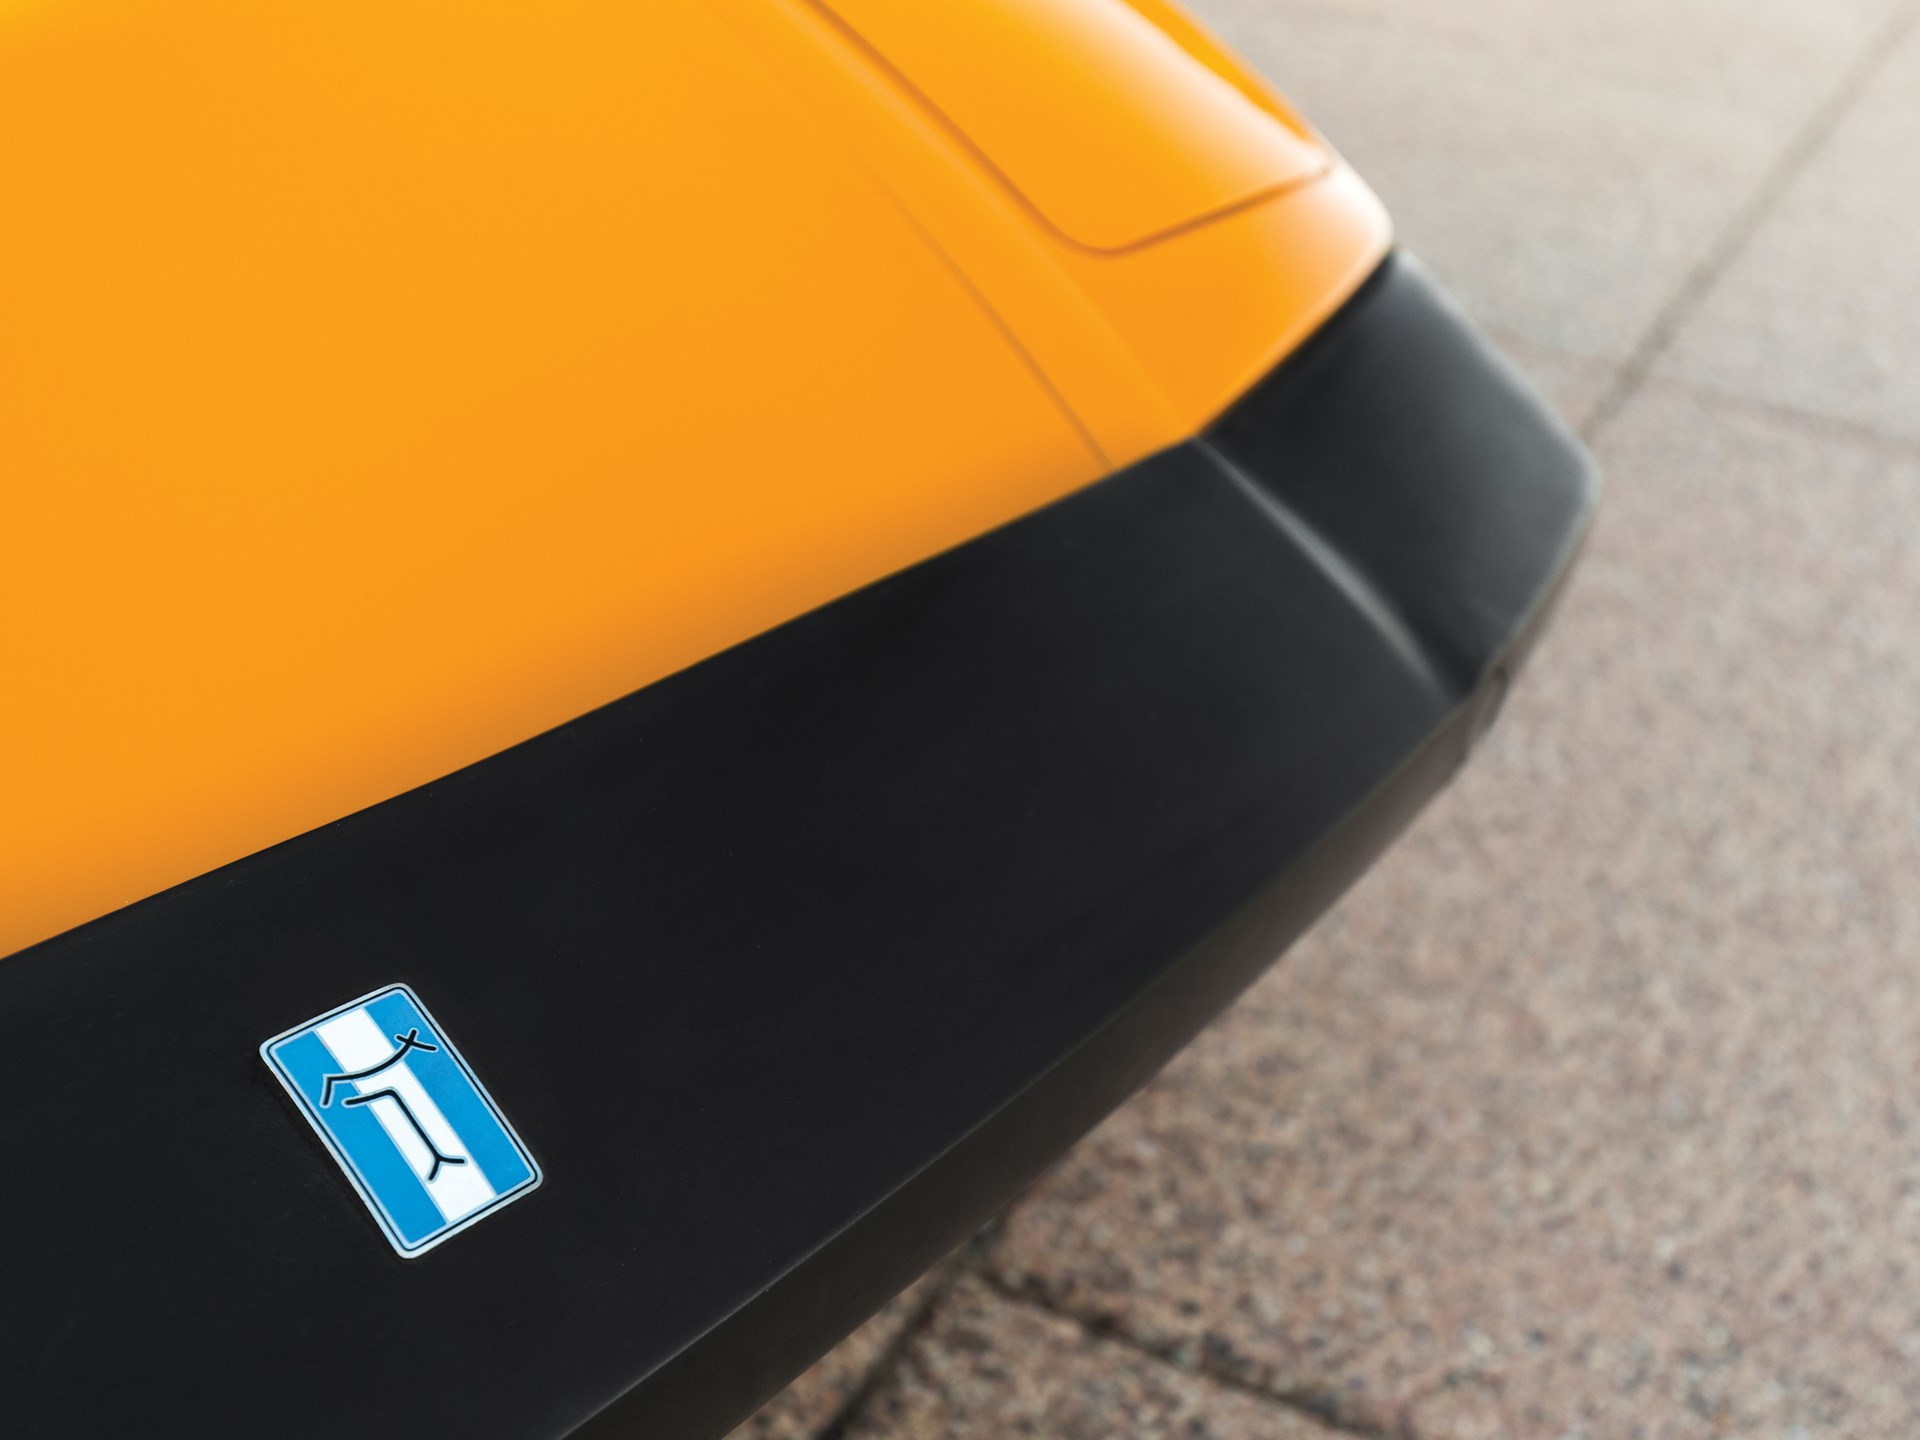 1973 De Tomaso Pantera nose detail